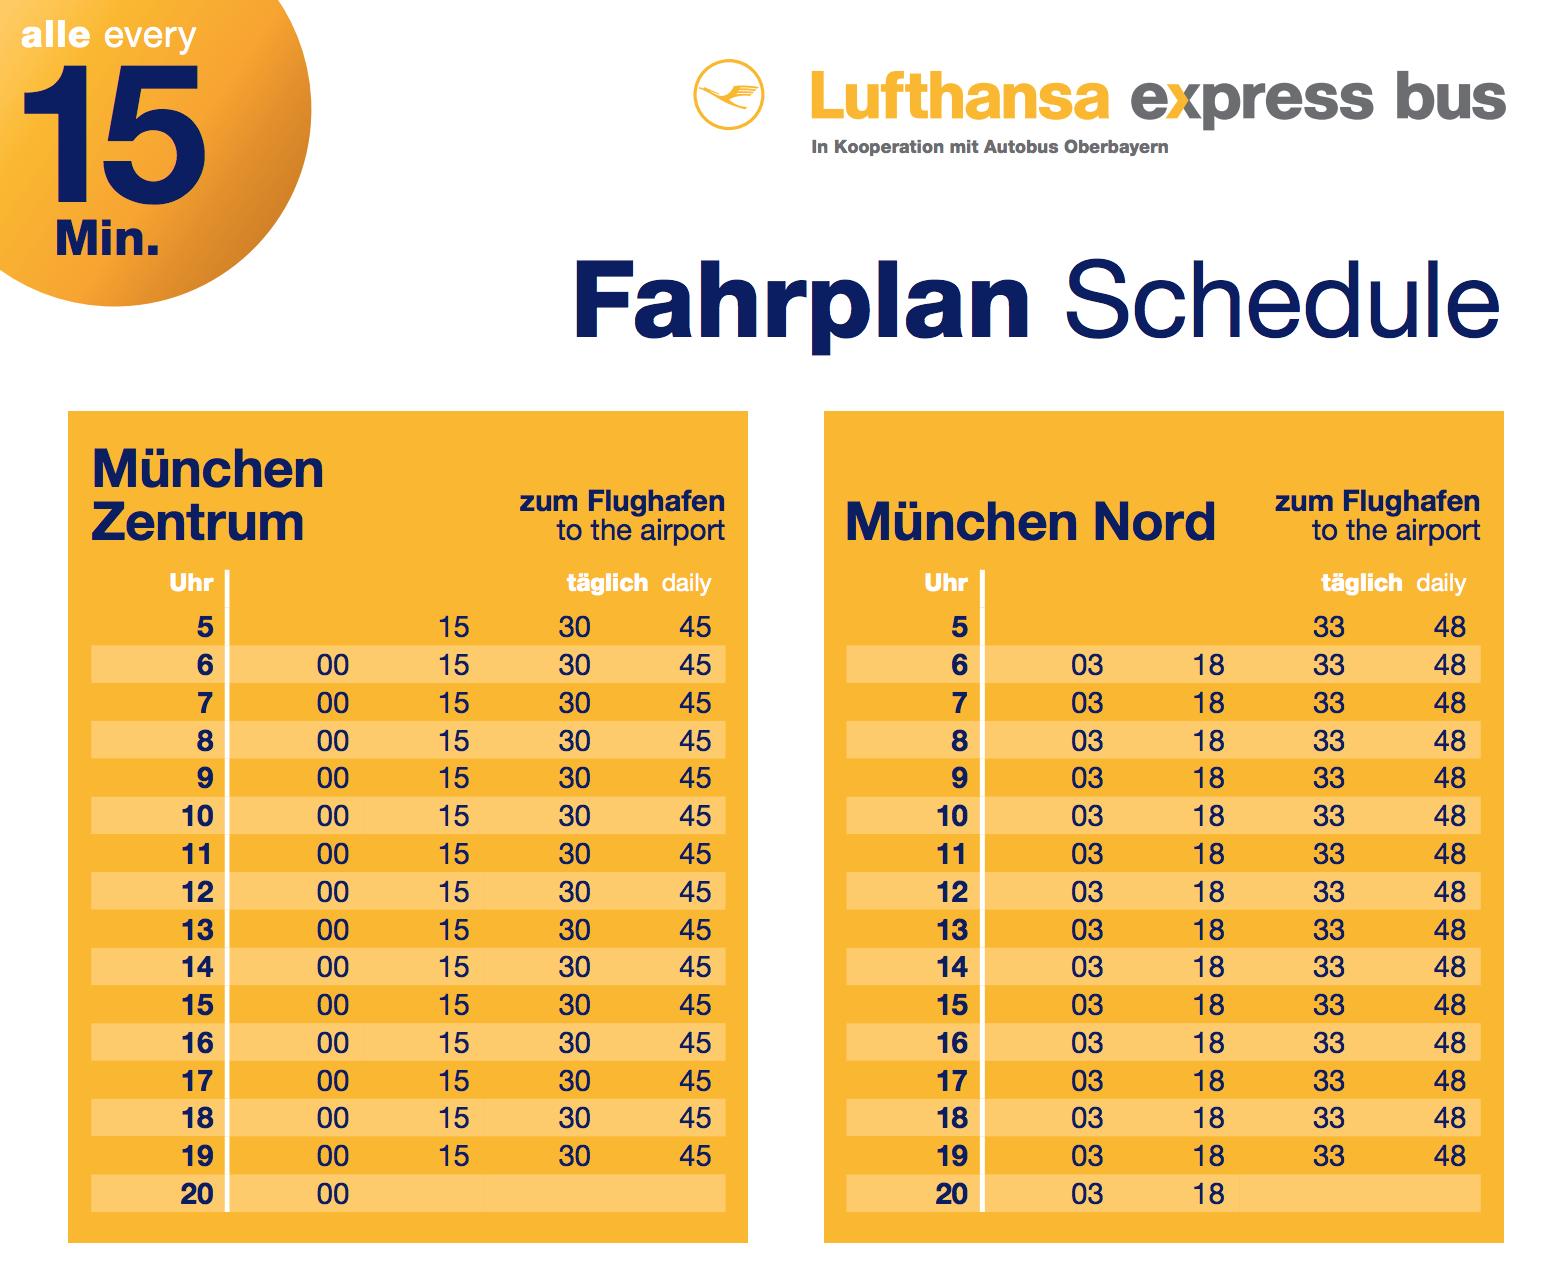 Расписание автобусаLufthansa Airport Bus из Мюнхена